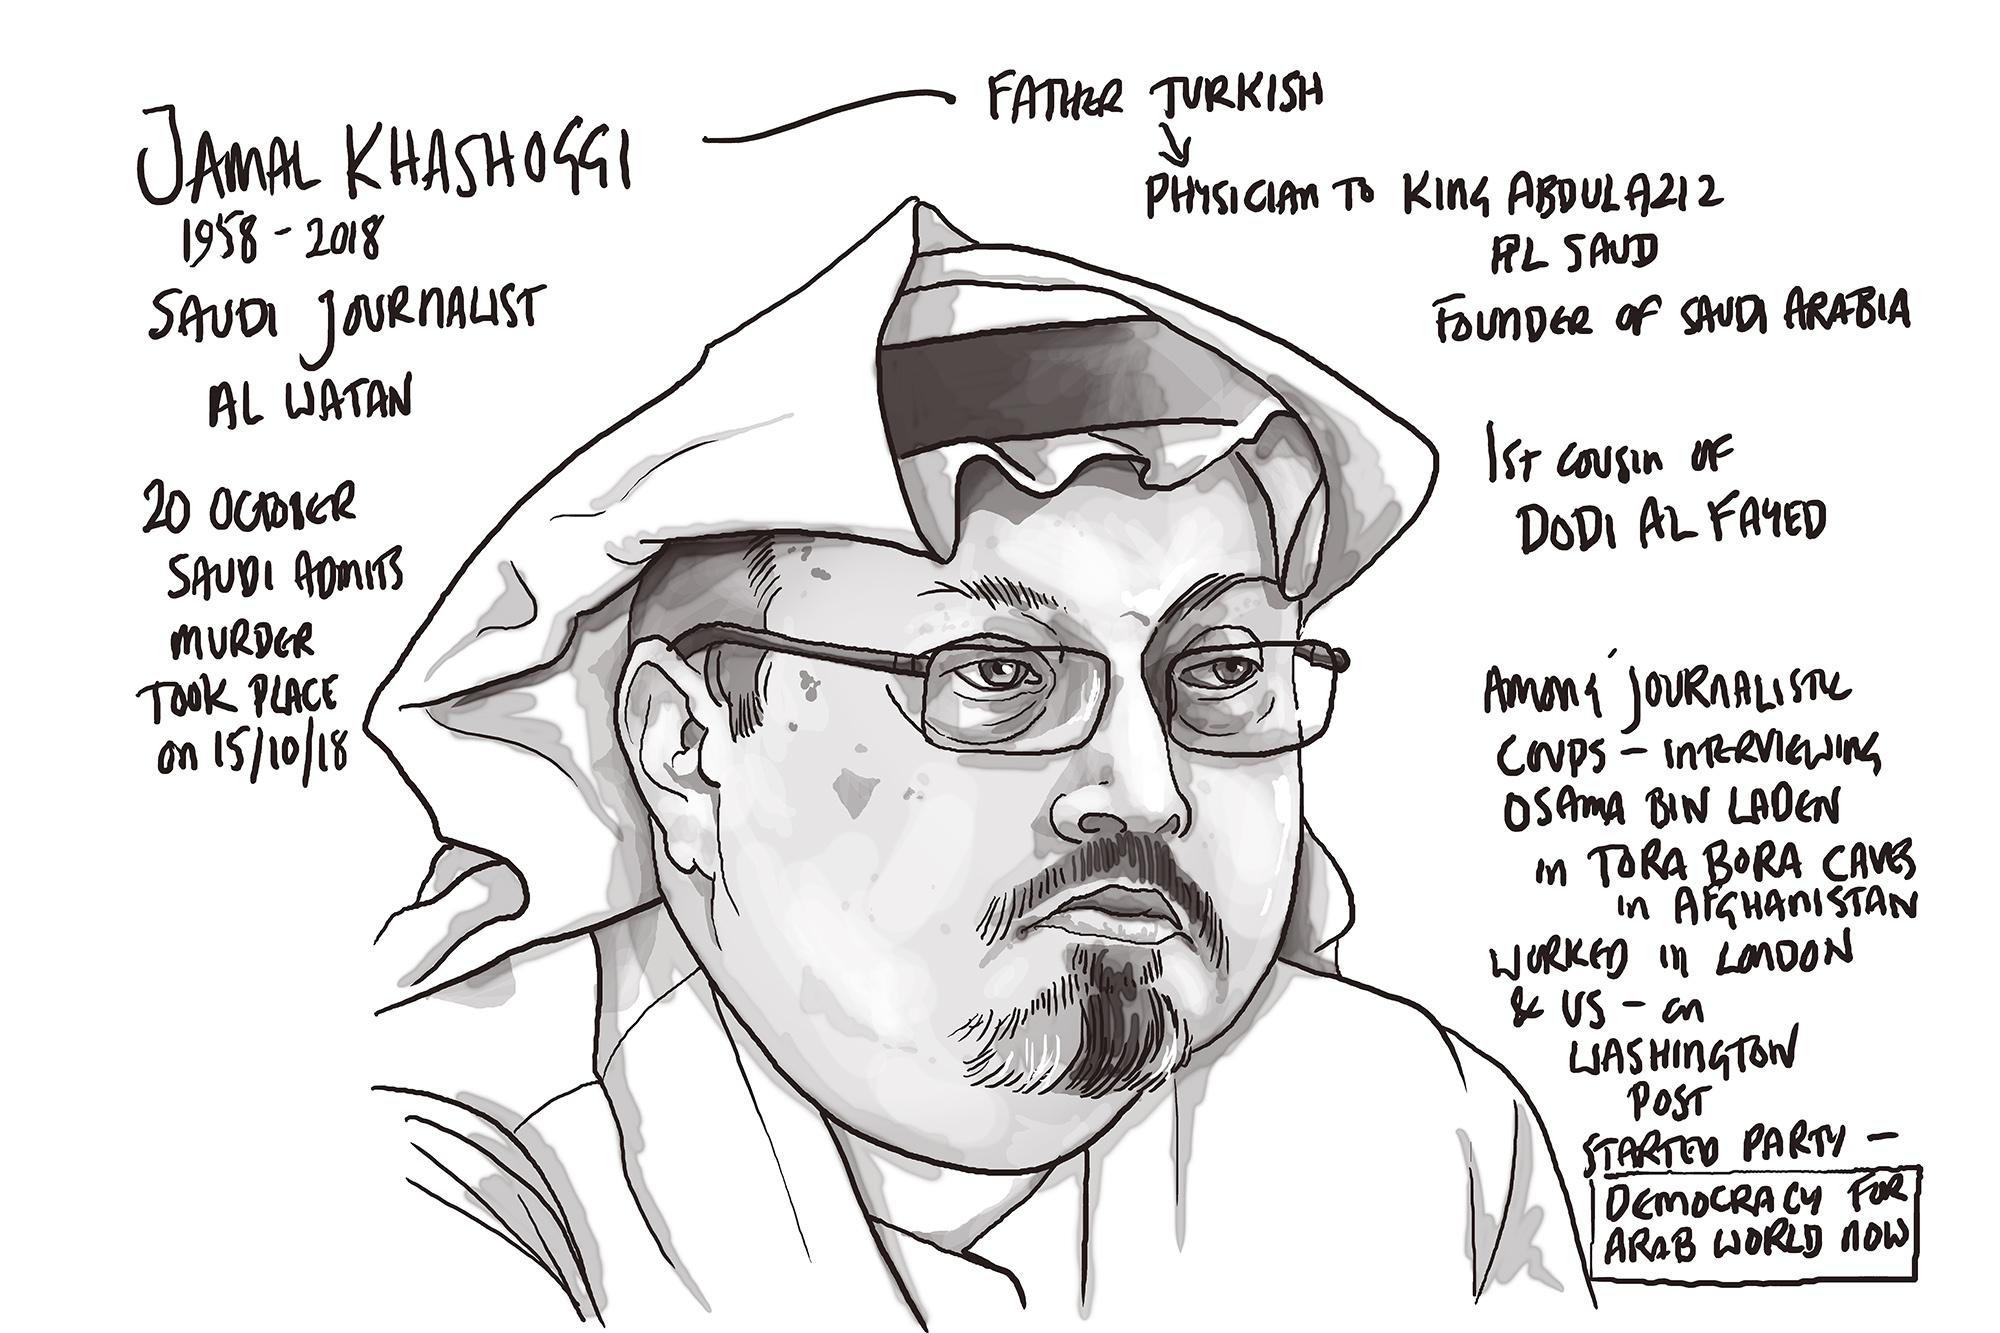 Jamal Khashoggi by TIM